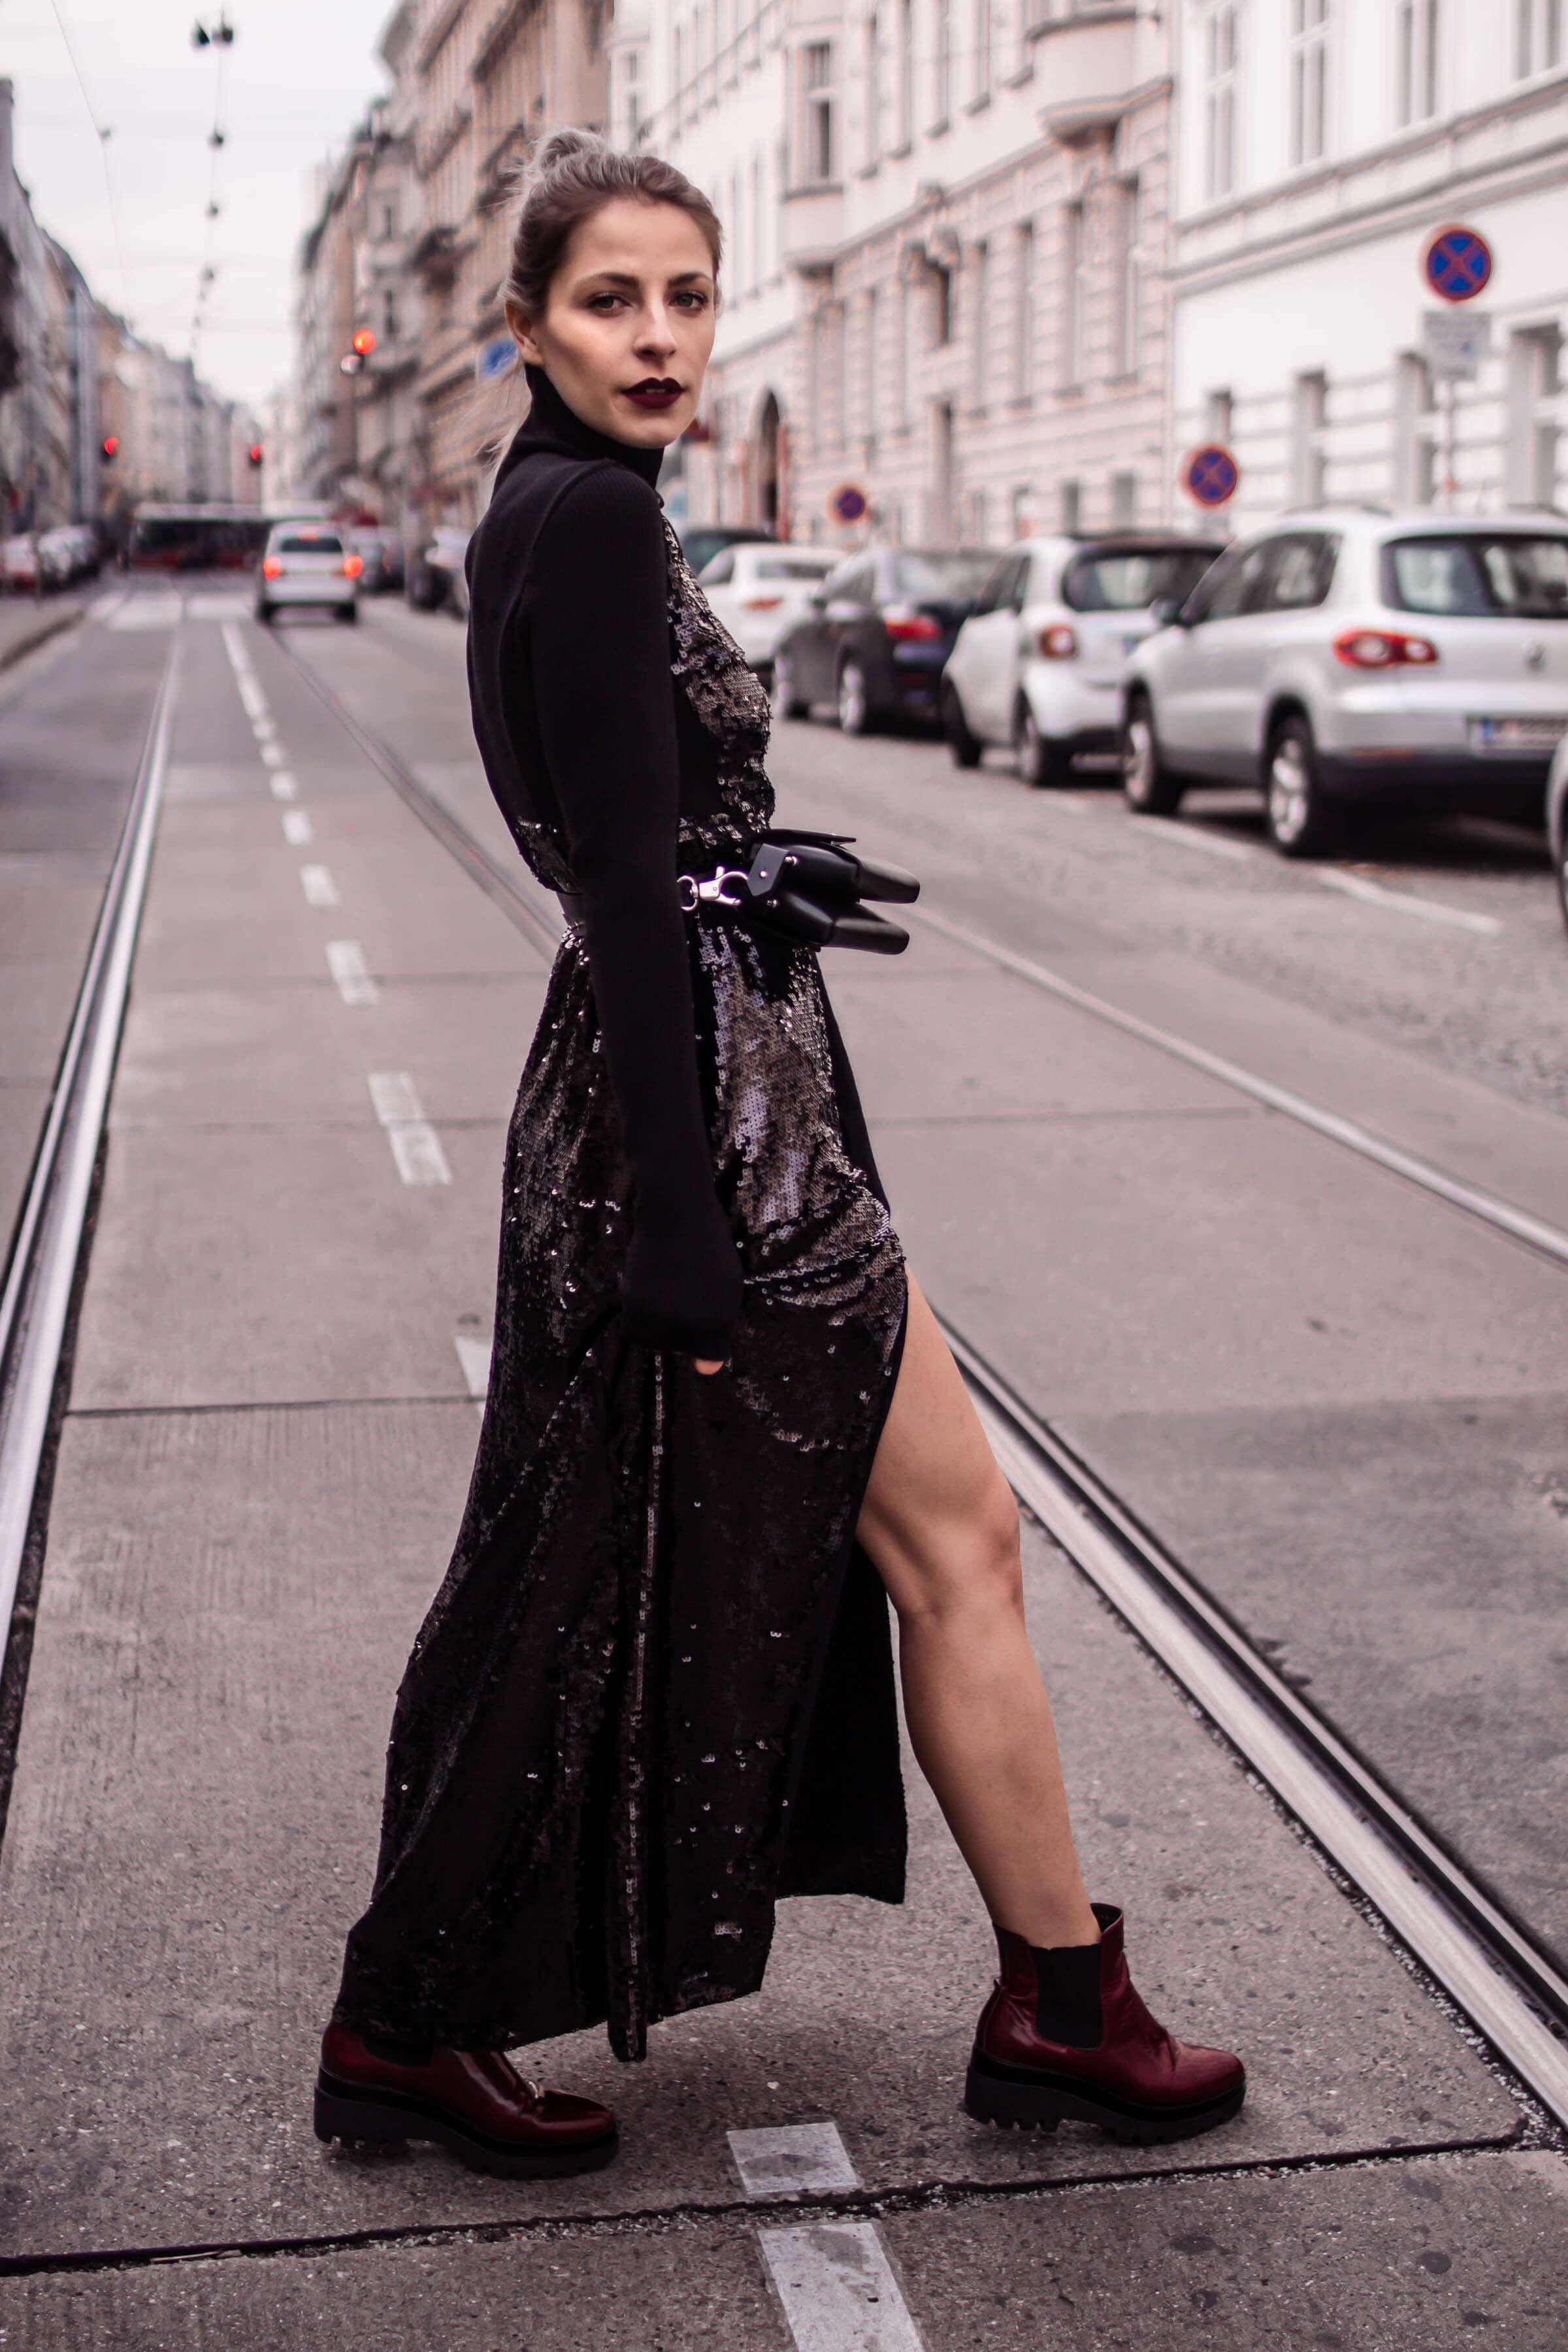 Paillettenkleider tagsüber tragen